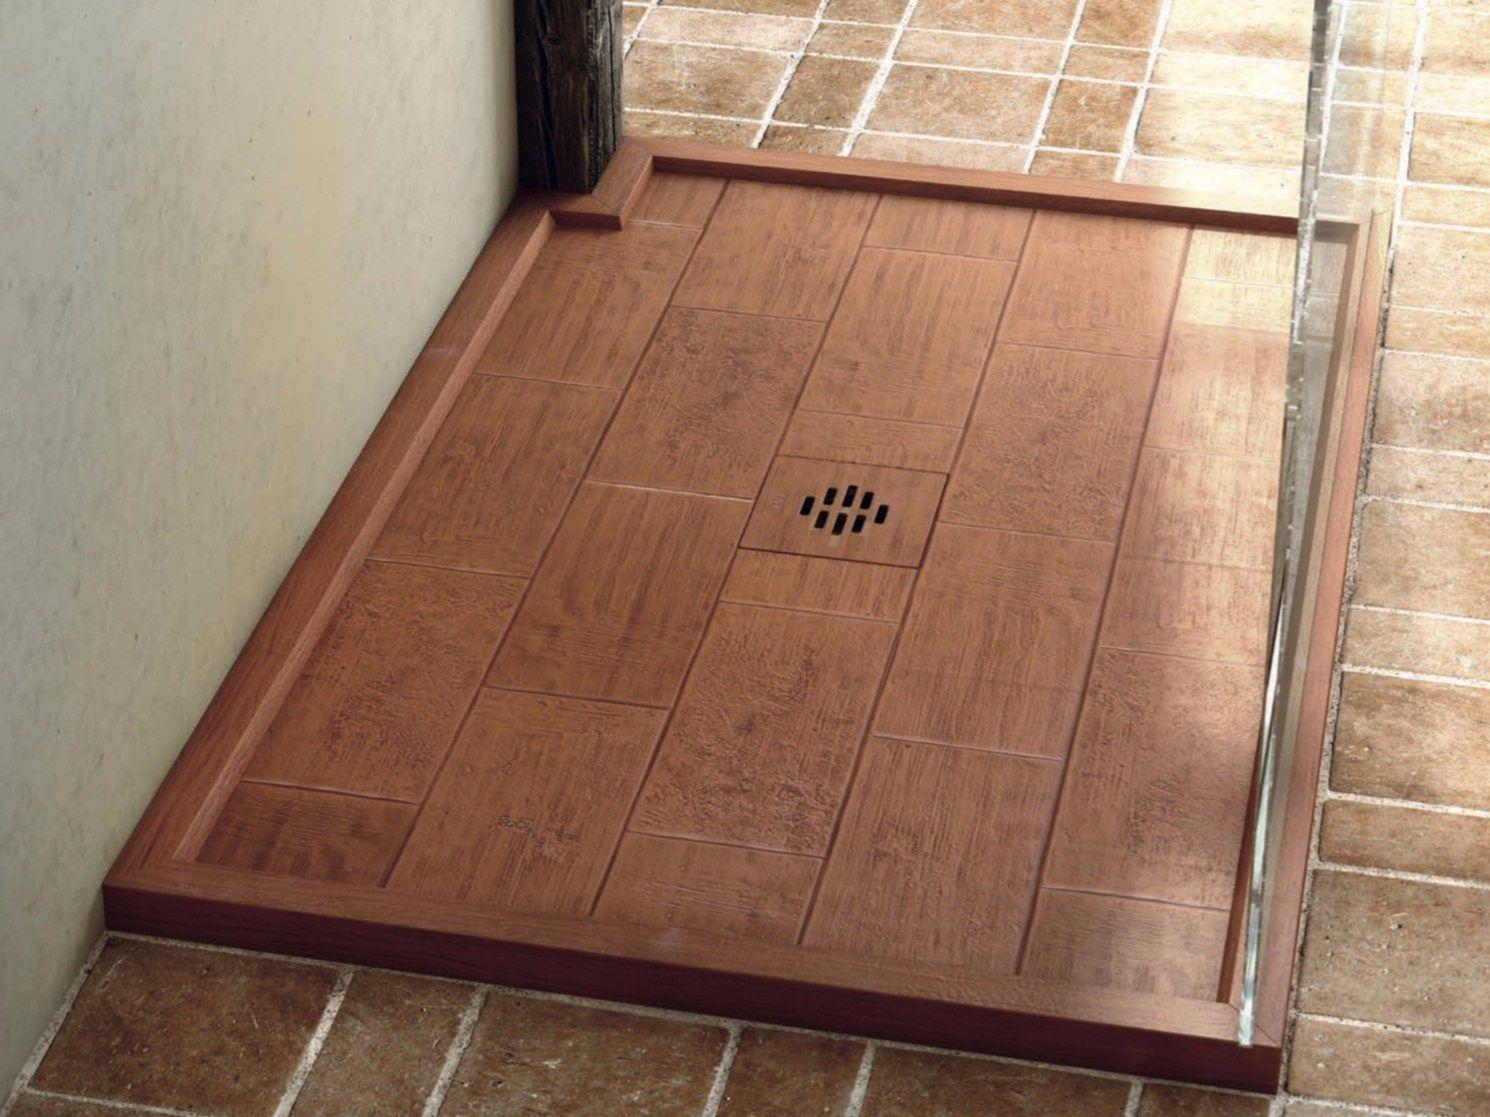 piatto doccia irregolare 70x : Illuminazione Piatto Doccia : Piatto doccia in silexpol? su misura ...